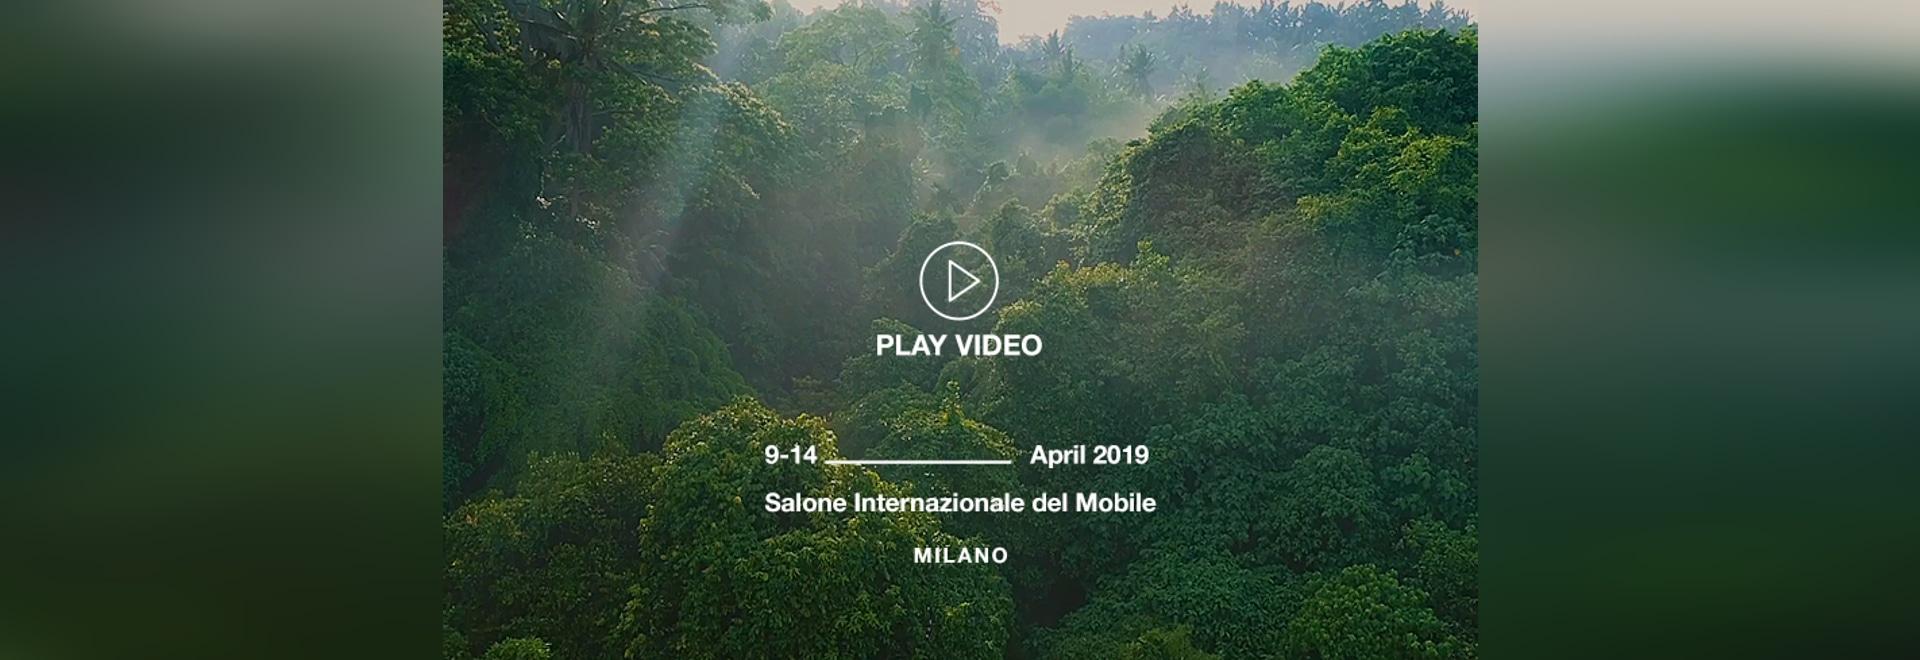 Opinione Ciatti al Salone Internazionale del Mobile